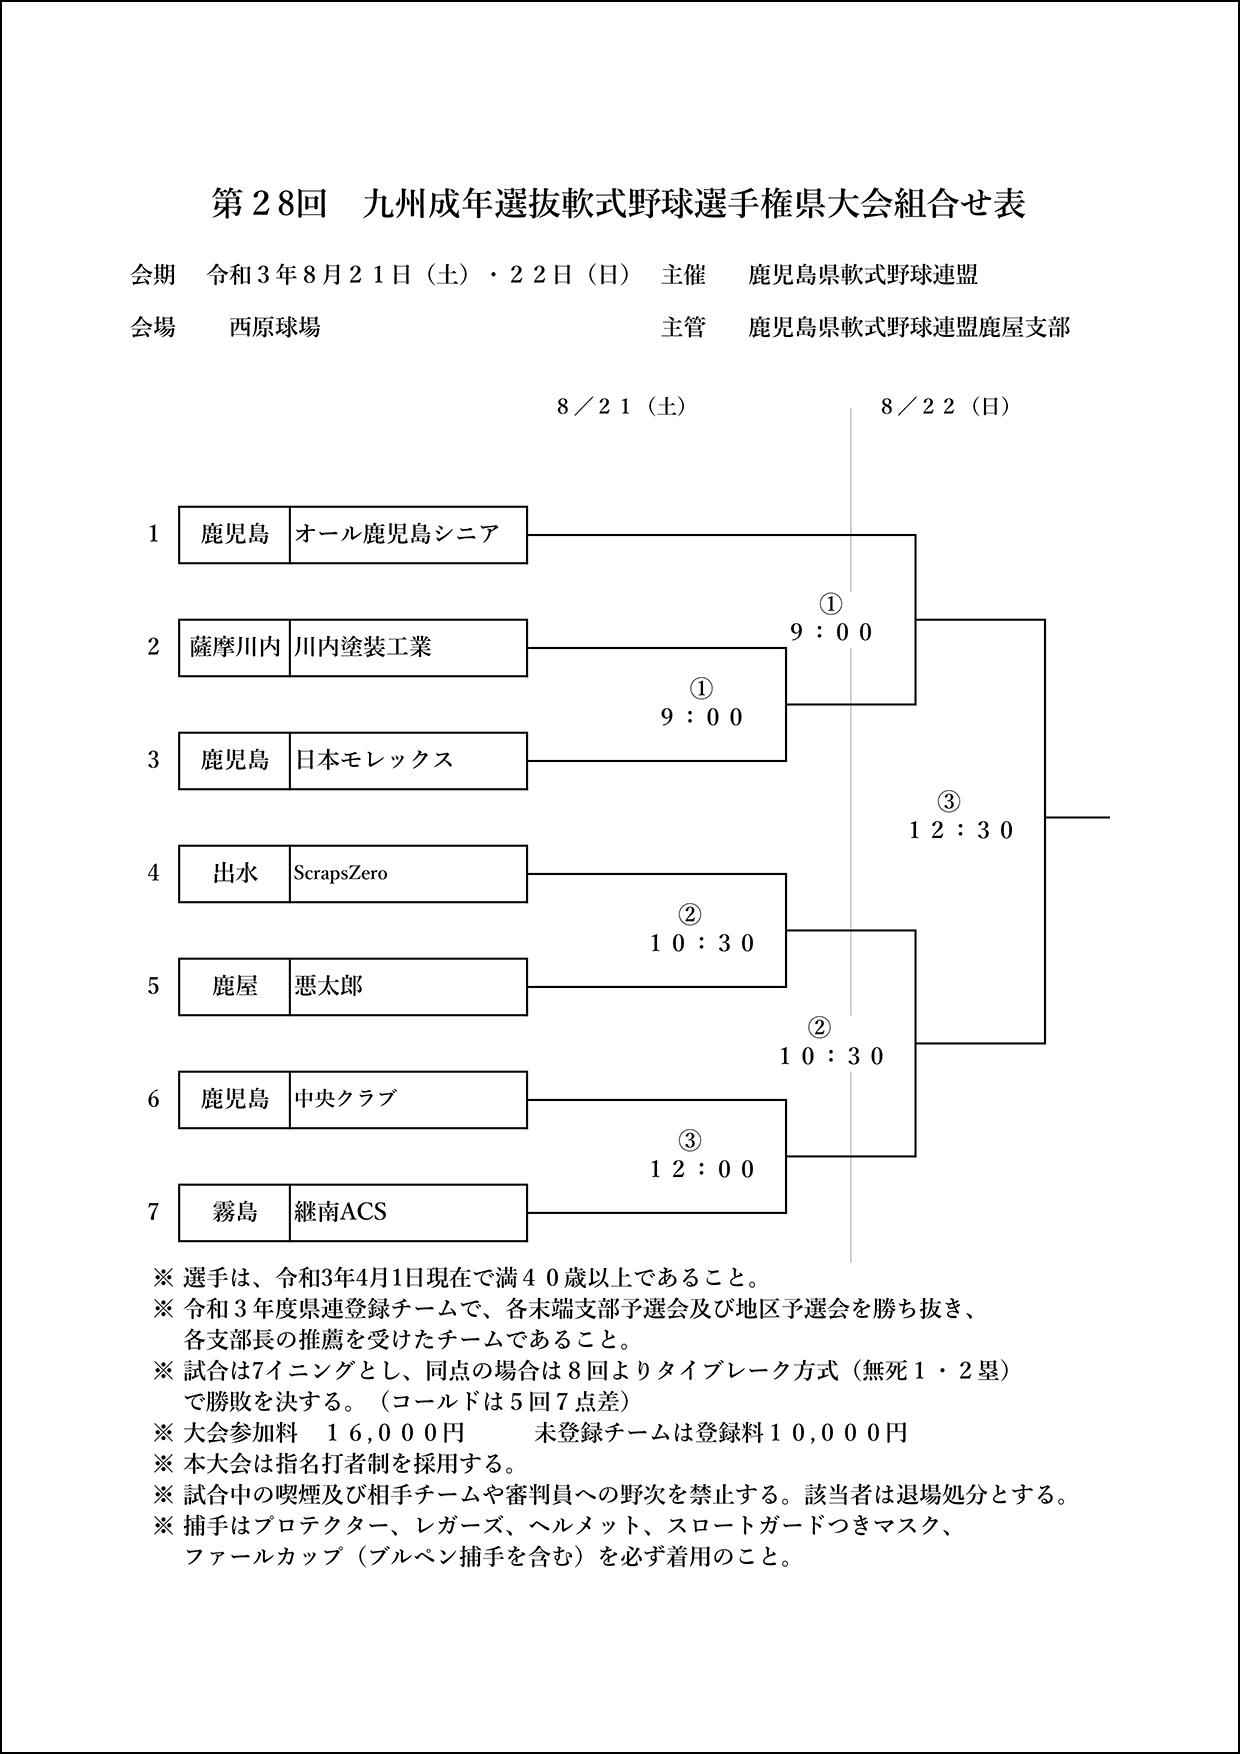 【組合せ】第28回九州地区成年選抜